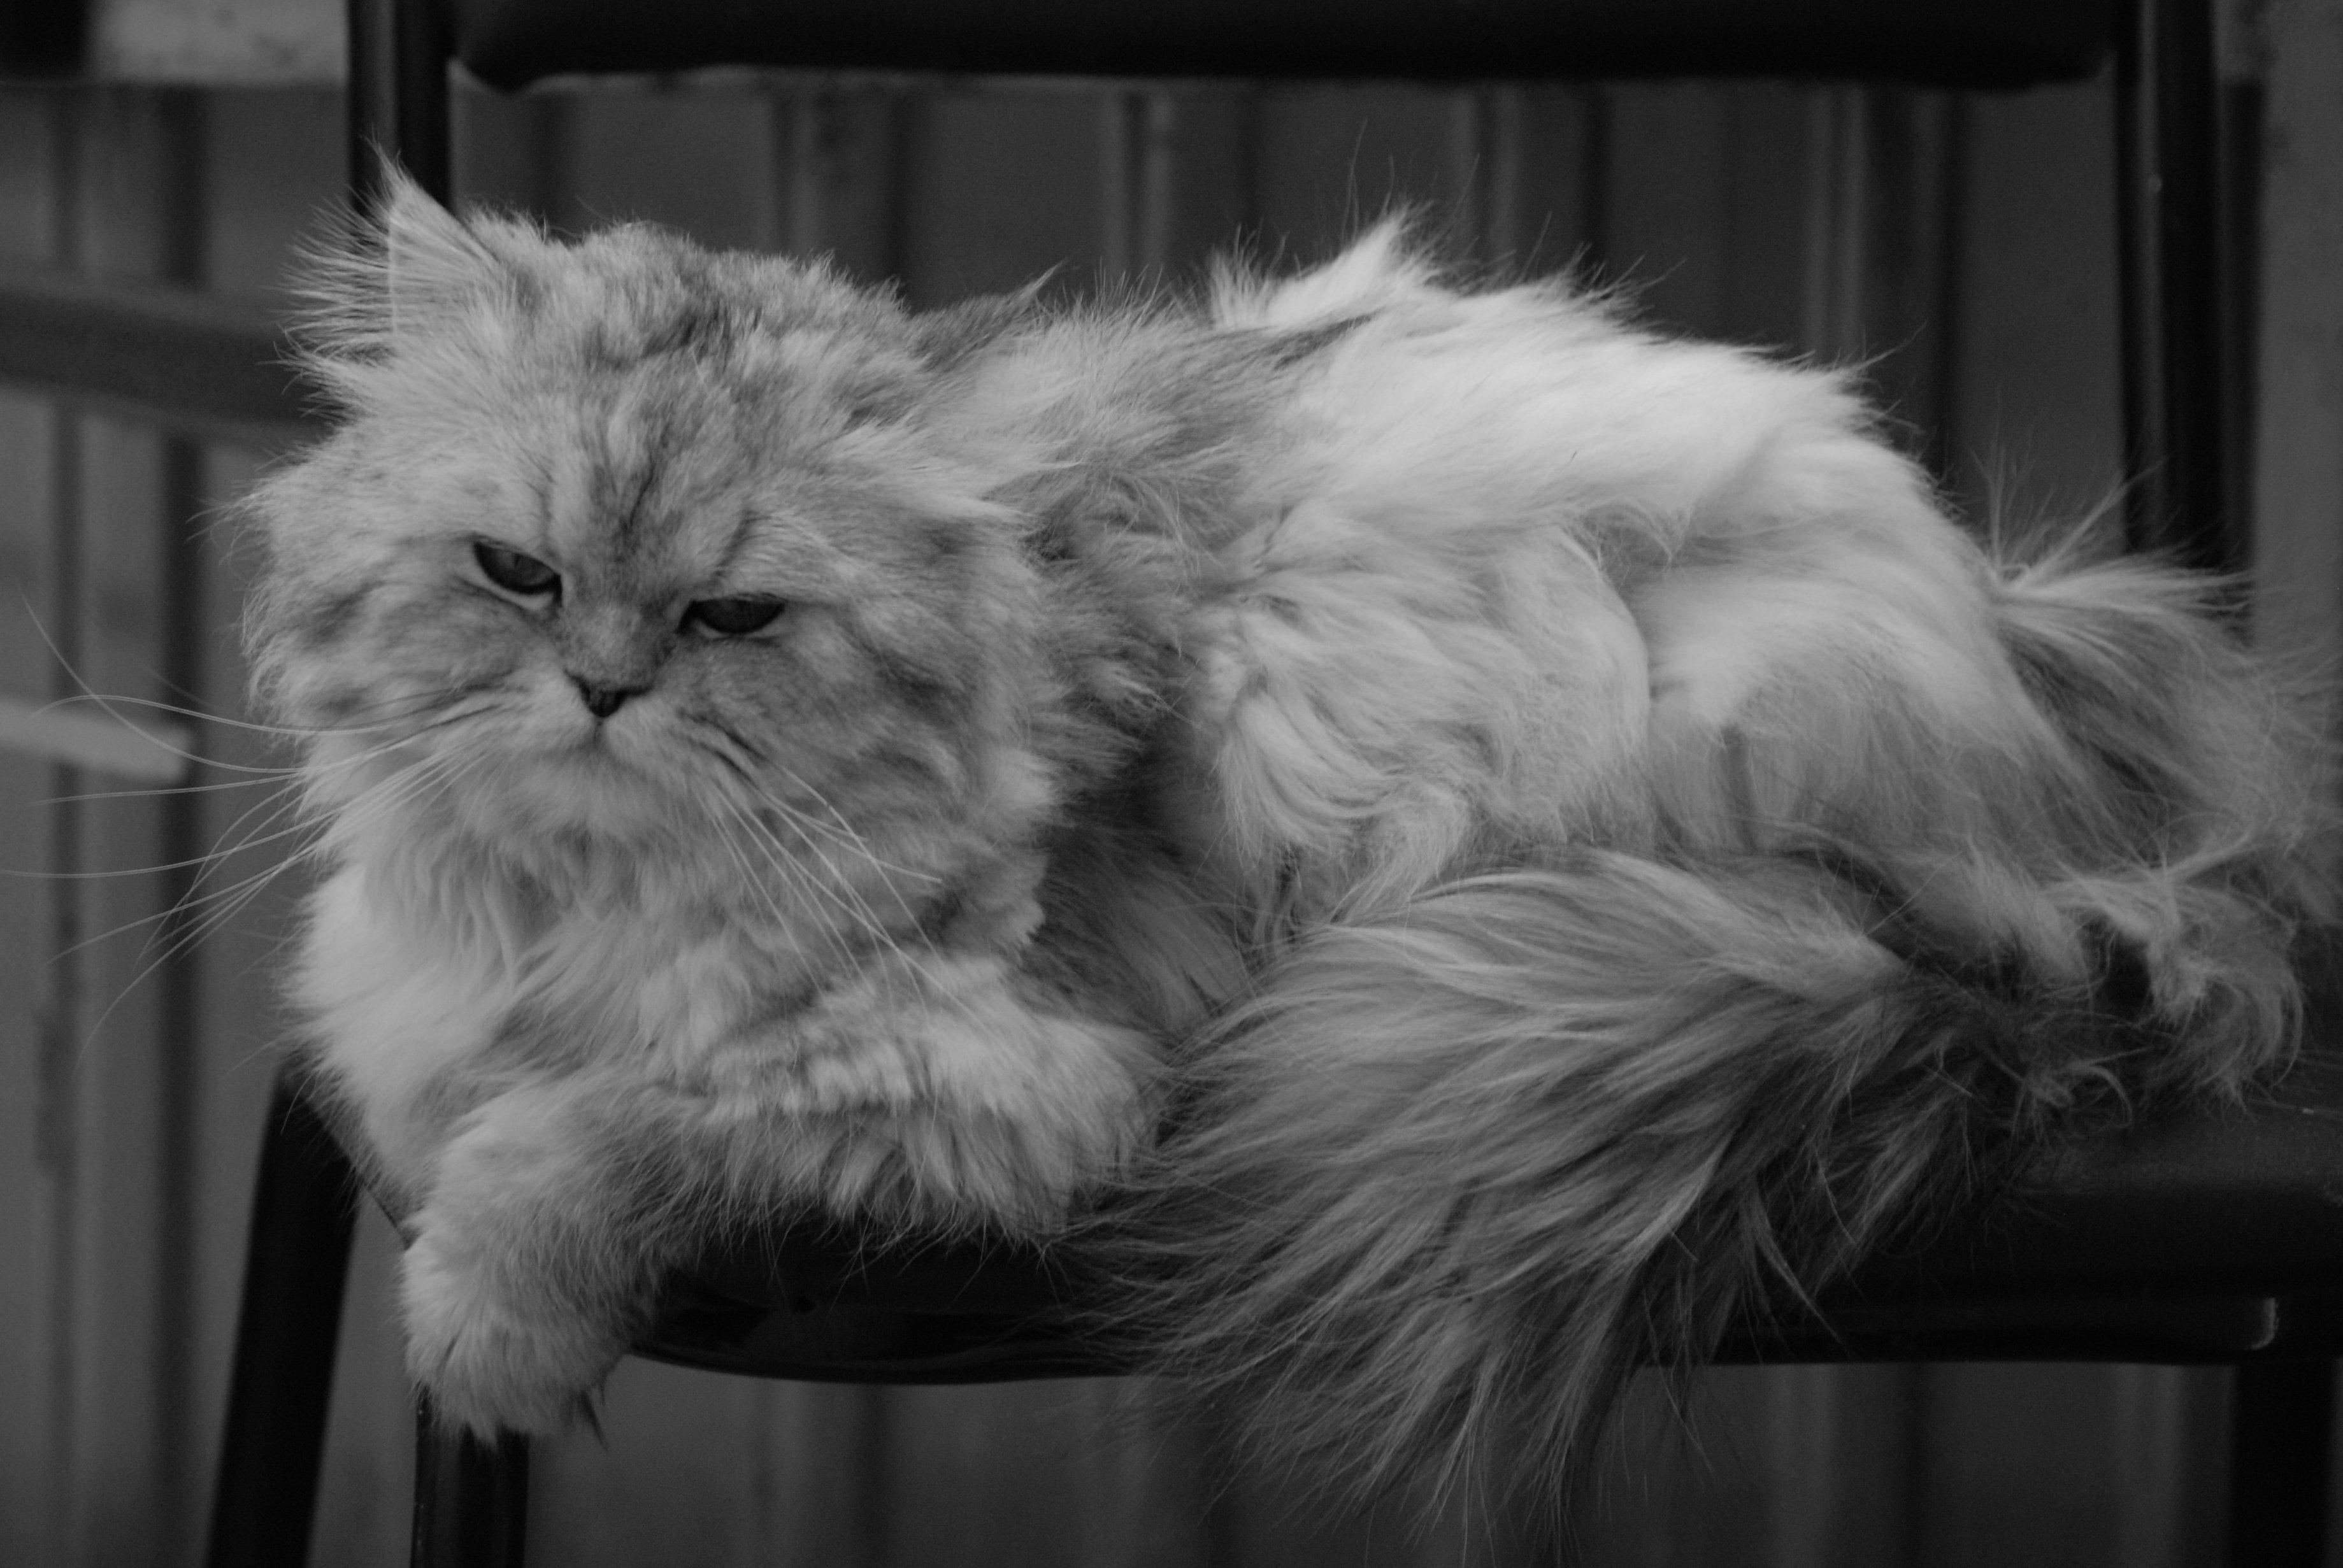 Inzerát v kategorii Kočky a koťata: Mladá kočička (WDJ2WD).